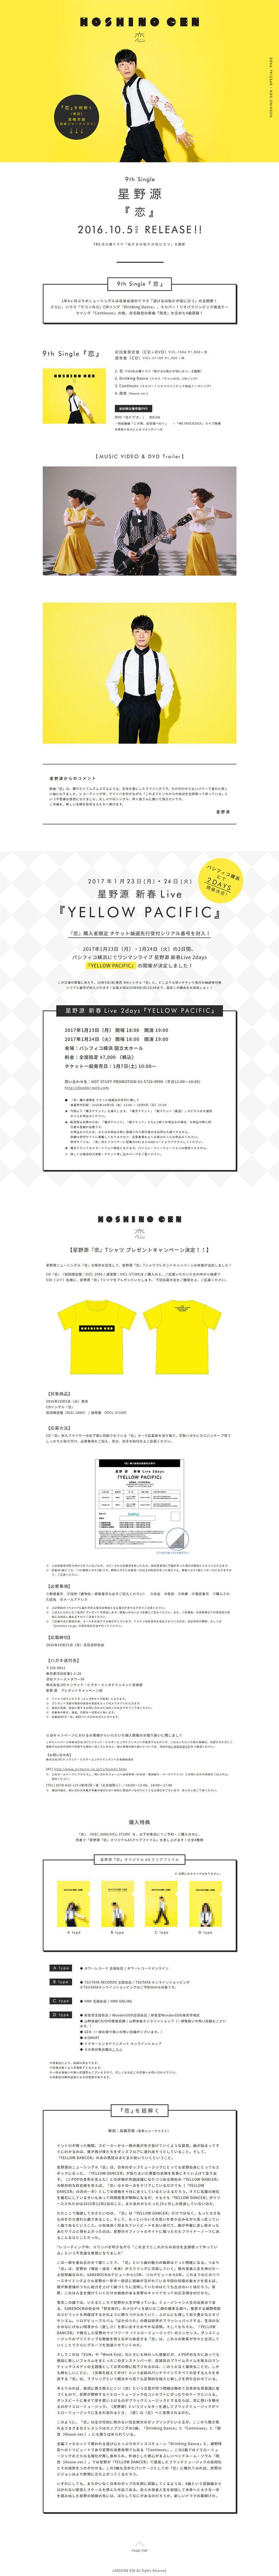 「恋」特設サイト【本・音楽・ゲーム関連】のLPデザイン。WEBデザイナーさん必見!ランディングページのデザイン参考に(シンプル系)